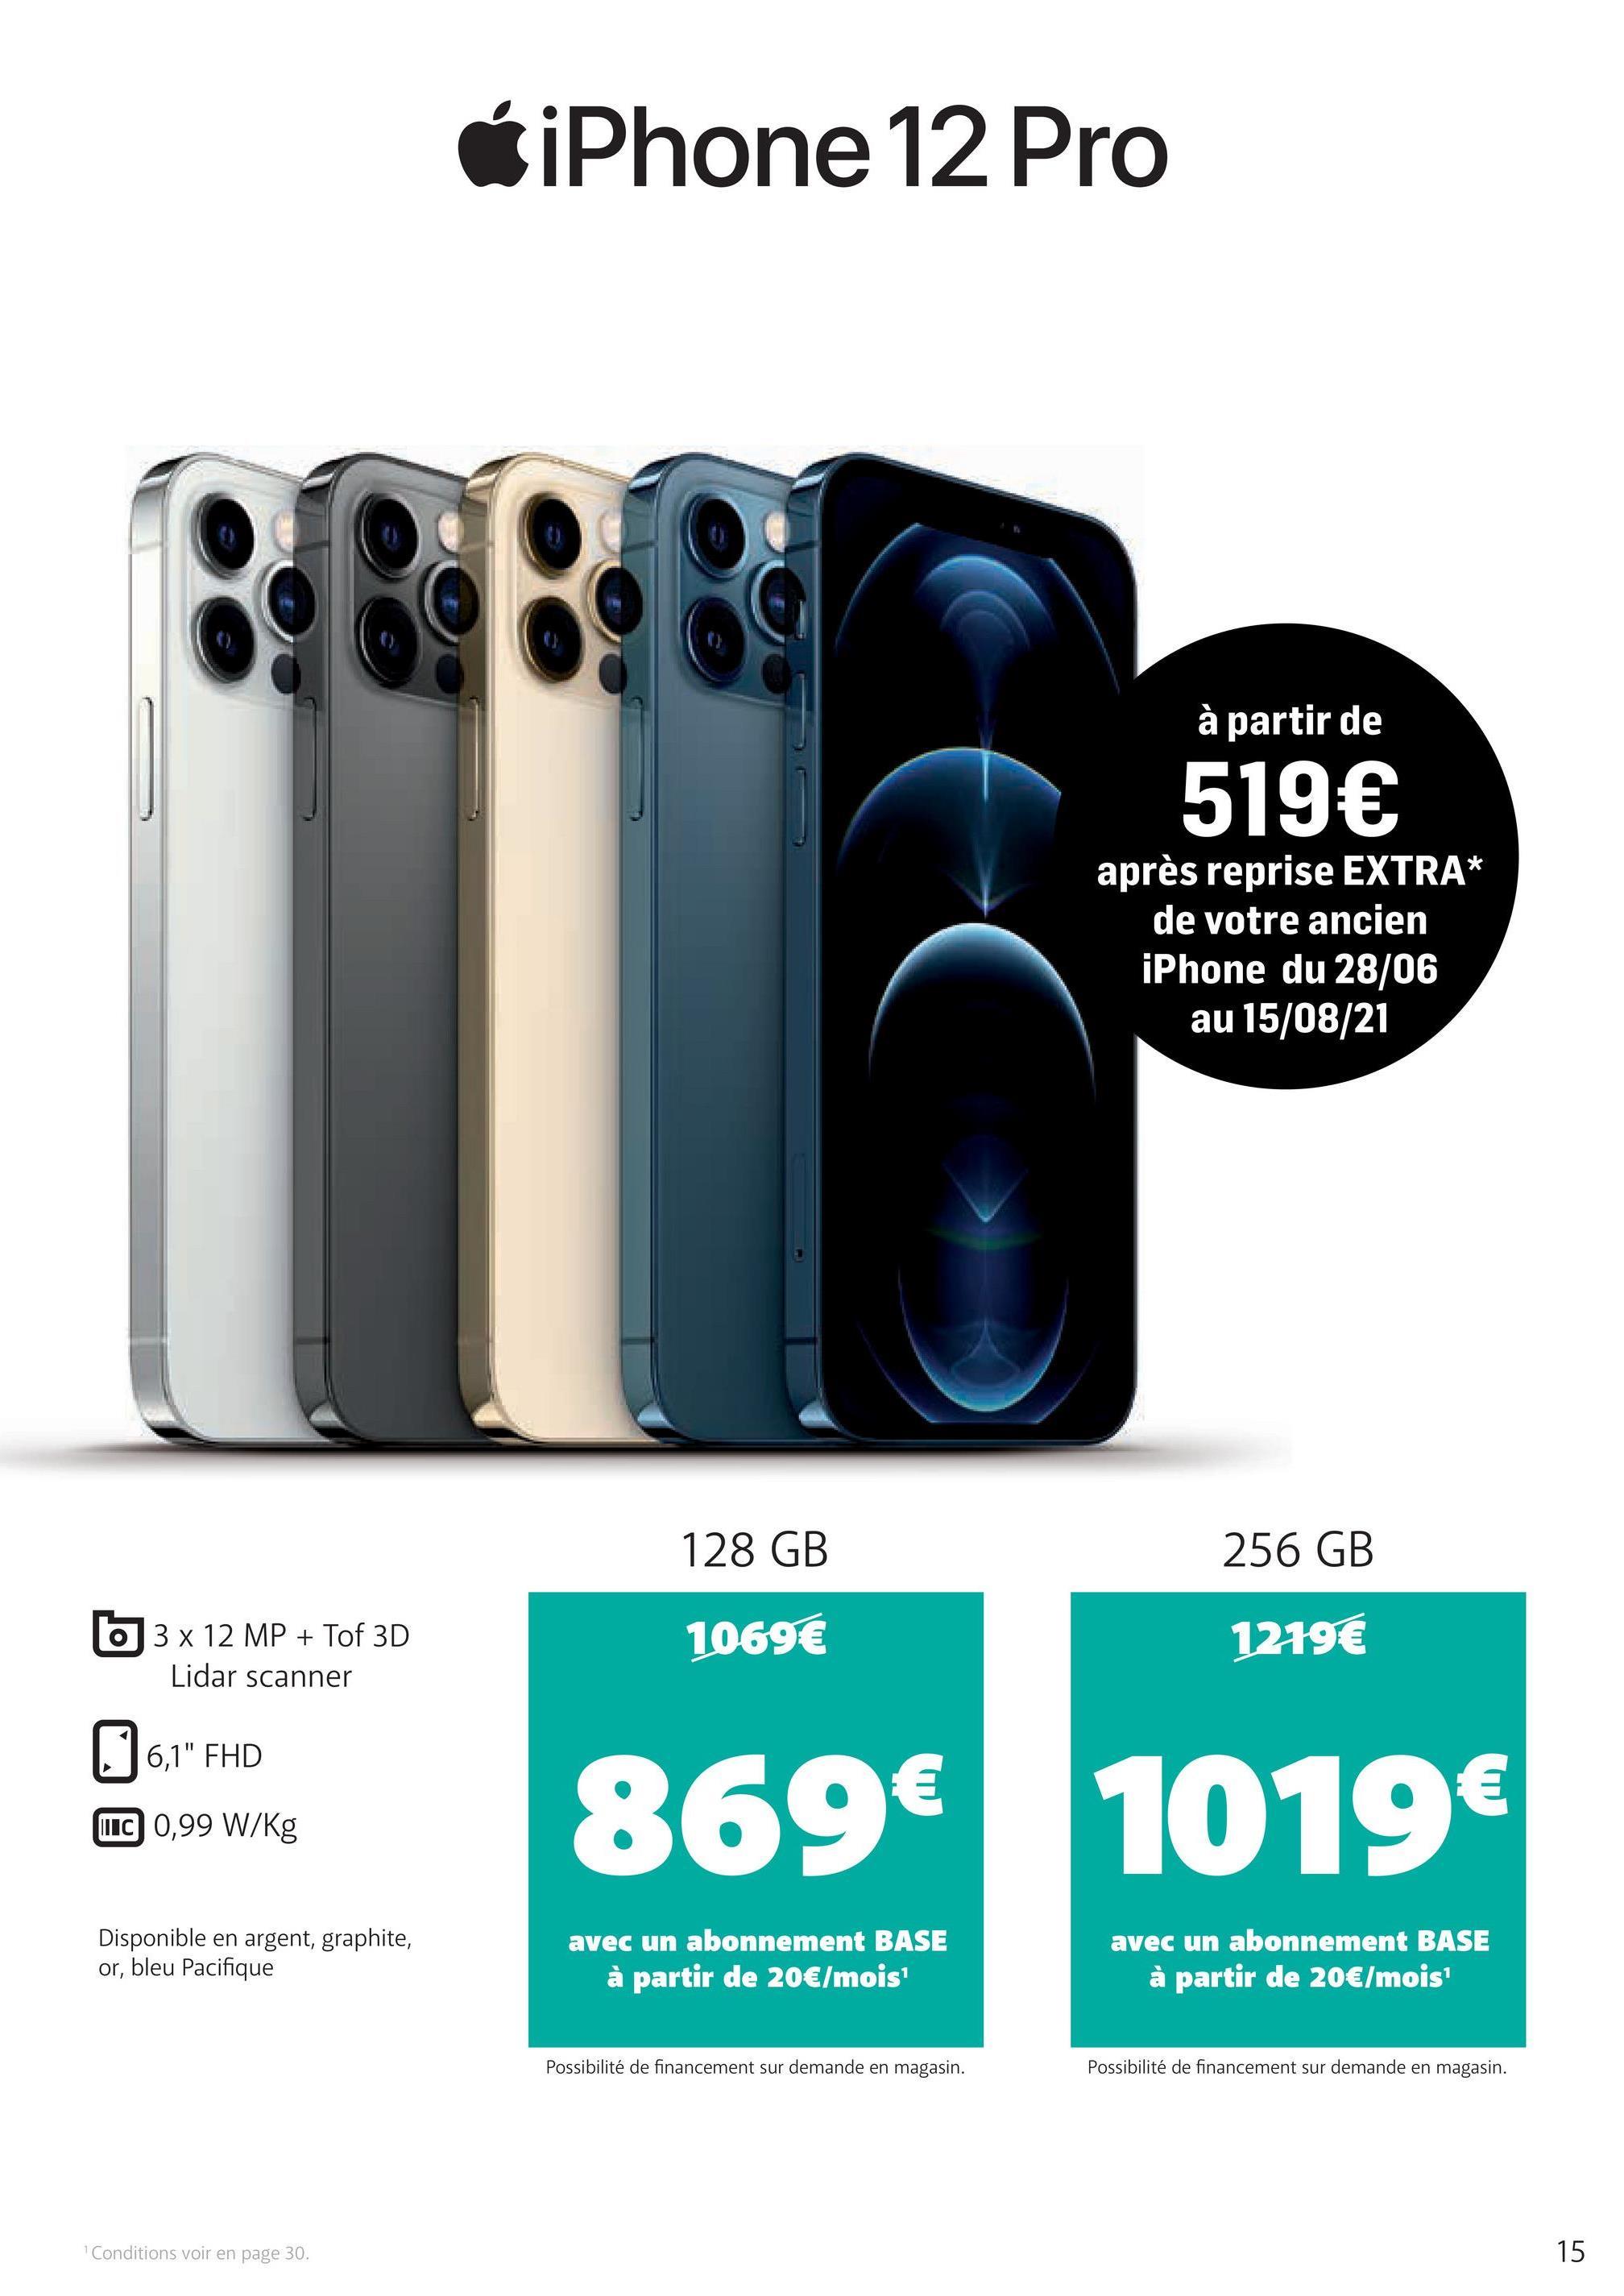 """iPhone 12 Pro BOB à partir de 519€ après reprise EXTRA* de votre ancien iPhone du 28/06 au 15/08/21 128 GB 256 GB O 3 x 12 MP + Tof 3D Lidar scanner 1069€ 1219€ J 6,1"""" FHD 869€ 1019€ LUC 0,99 W/kg Disponible en argent, graphite, or, bleu Pacifique avec un abonnement BASE à partir de 20€/mois avec un abonnement BASE à partir de 20€/mois Possibilité de financement sur demande en magasin. Possibilité de financement sur demande en magasin. Conditions voir en page 30. 15"""